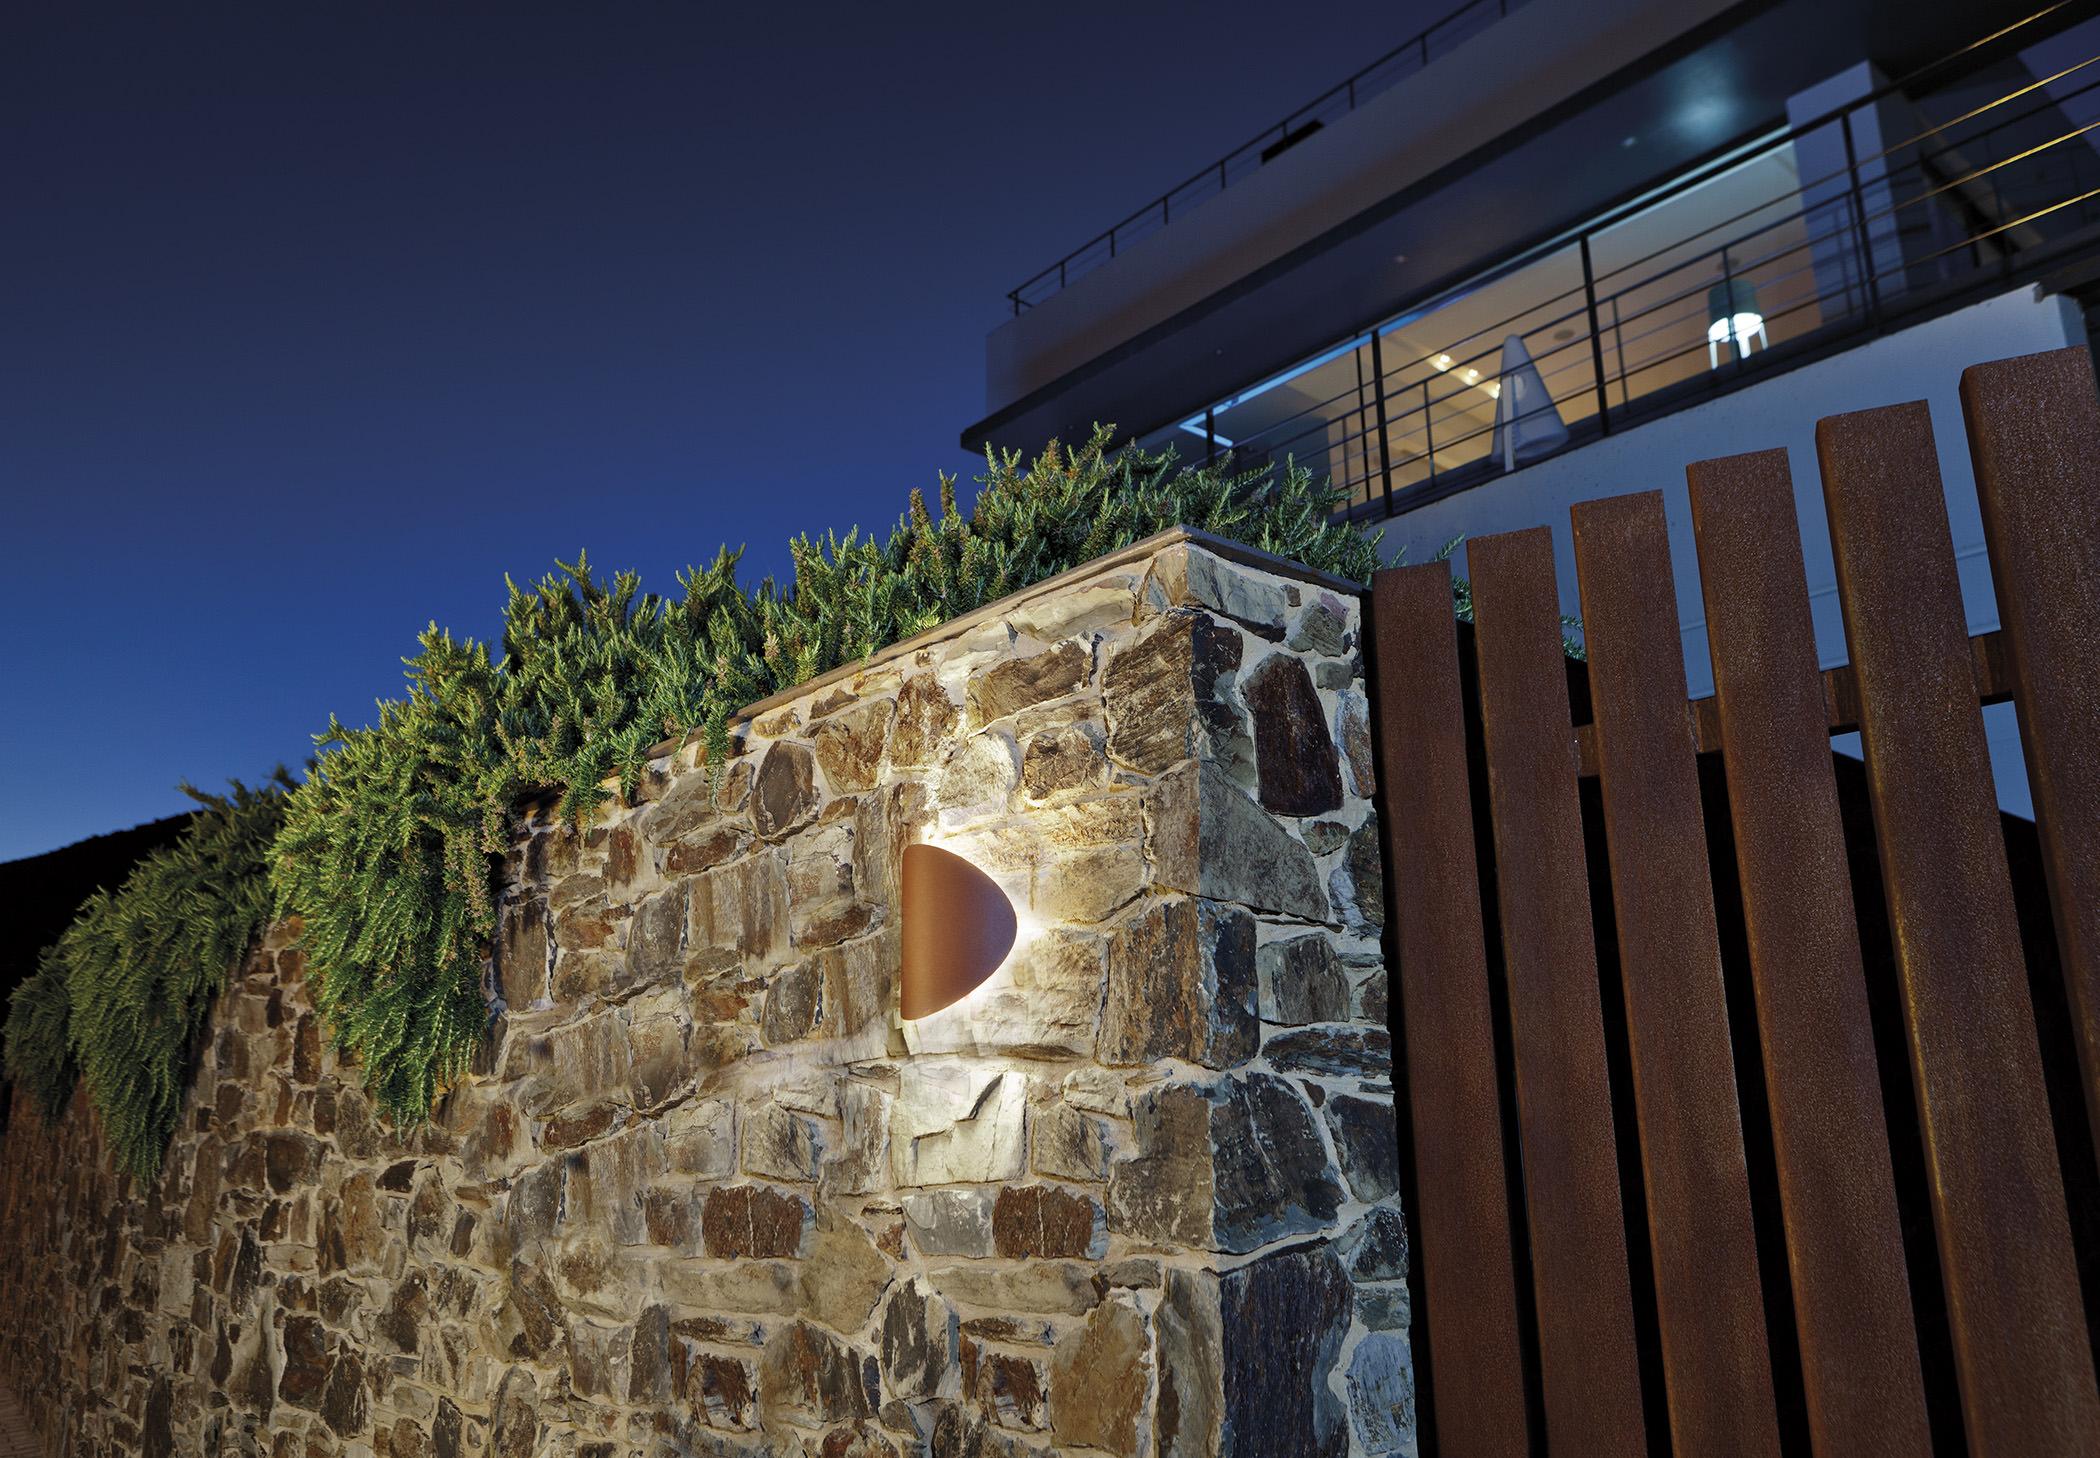 Lune A 3370w Wall Lamp Estiluz Image Ambient 02